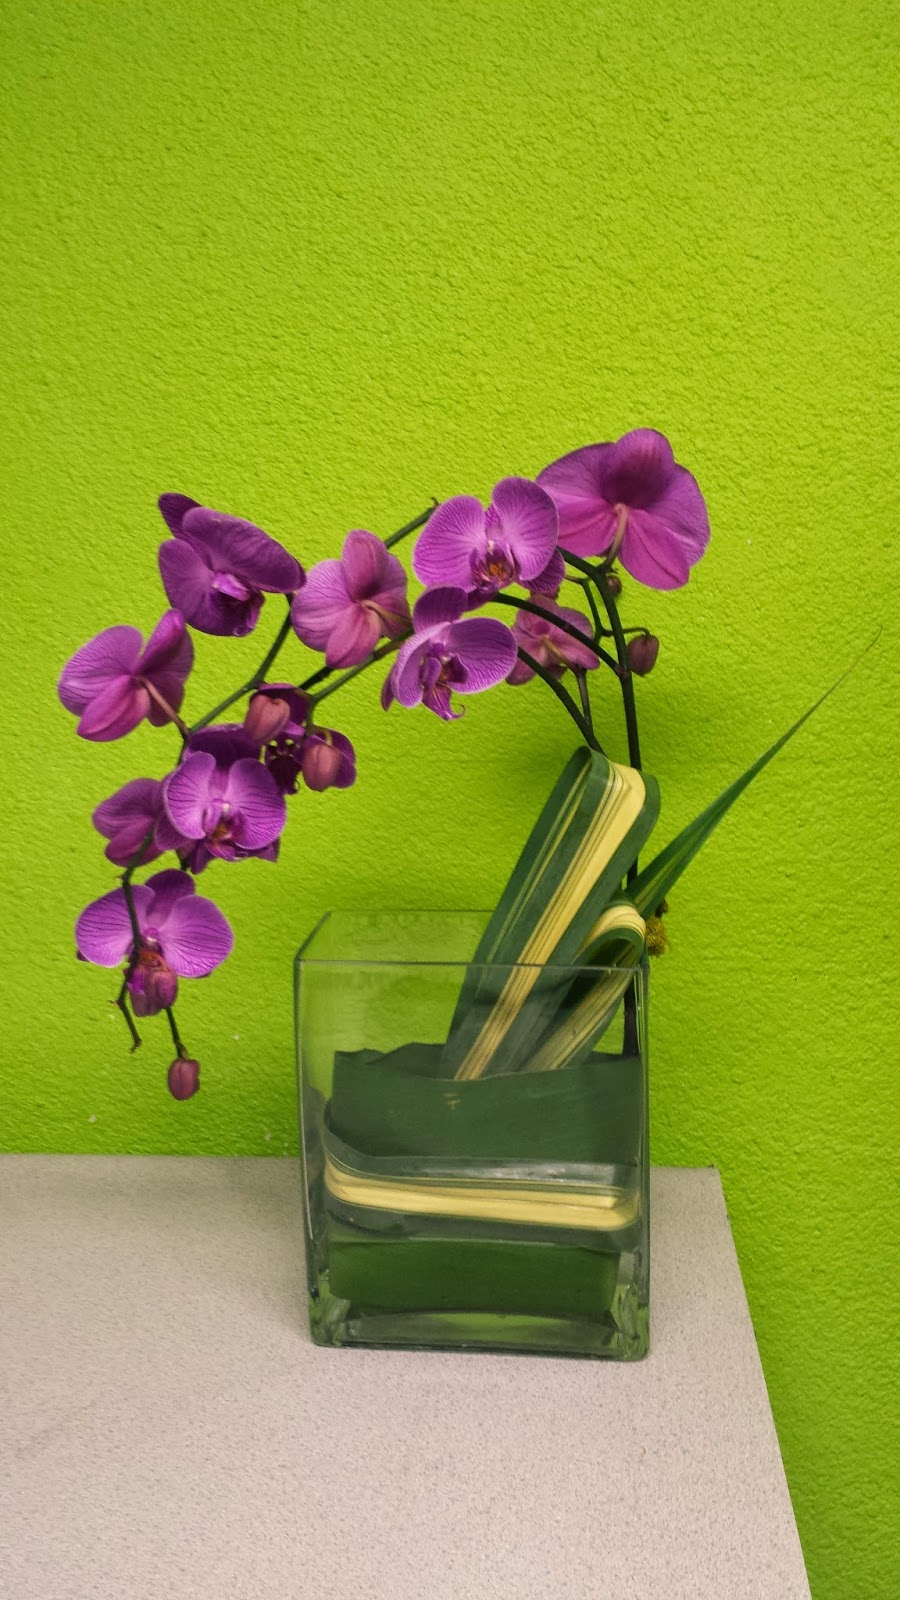 Las Vegas Flowers Premier Event Florists Orchids